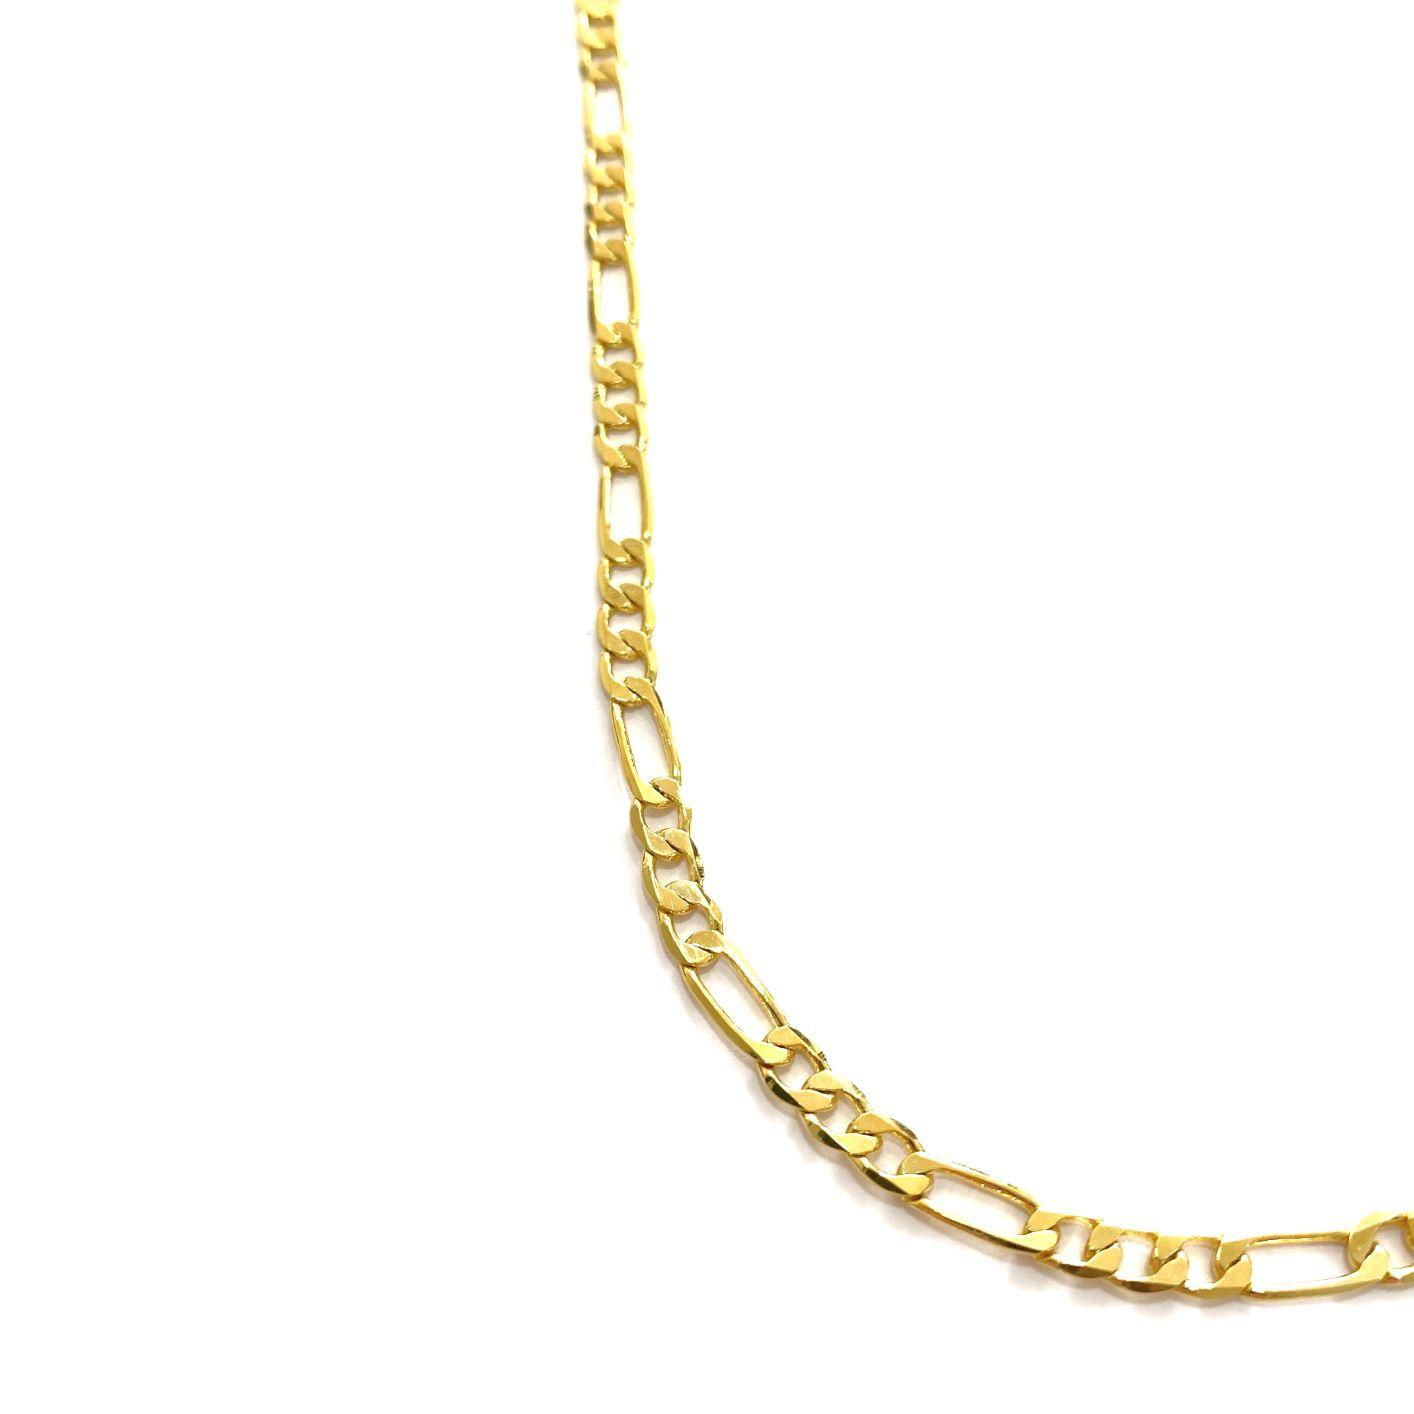 Corrente 3 por 1 4,5mm 70cm (14g) (Fecho Gaveta) (Banho Ouro 24K)